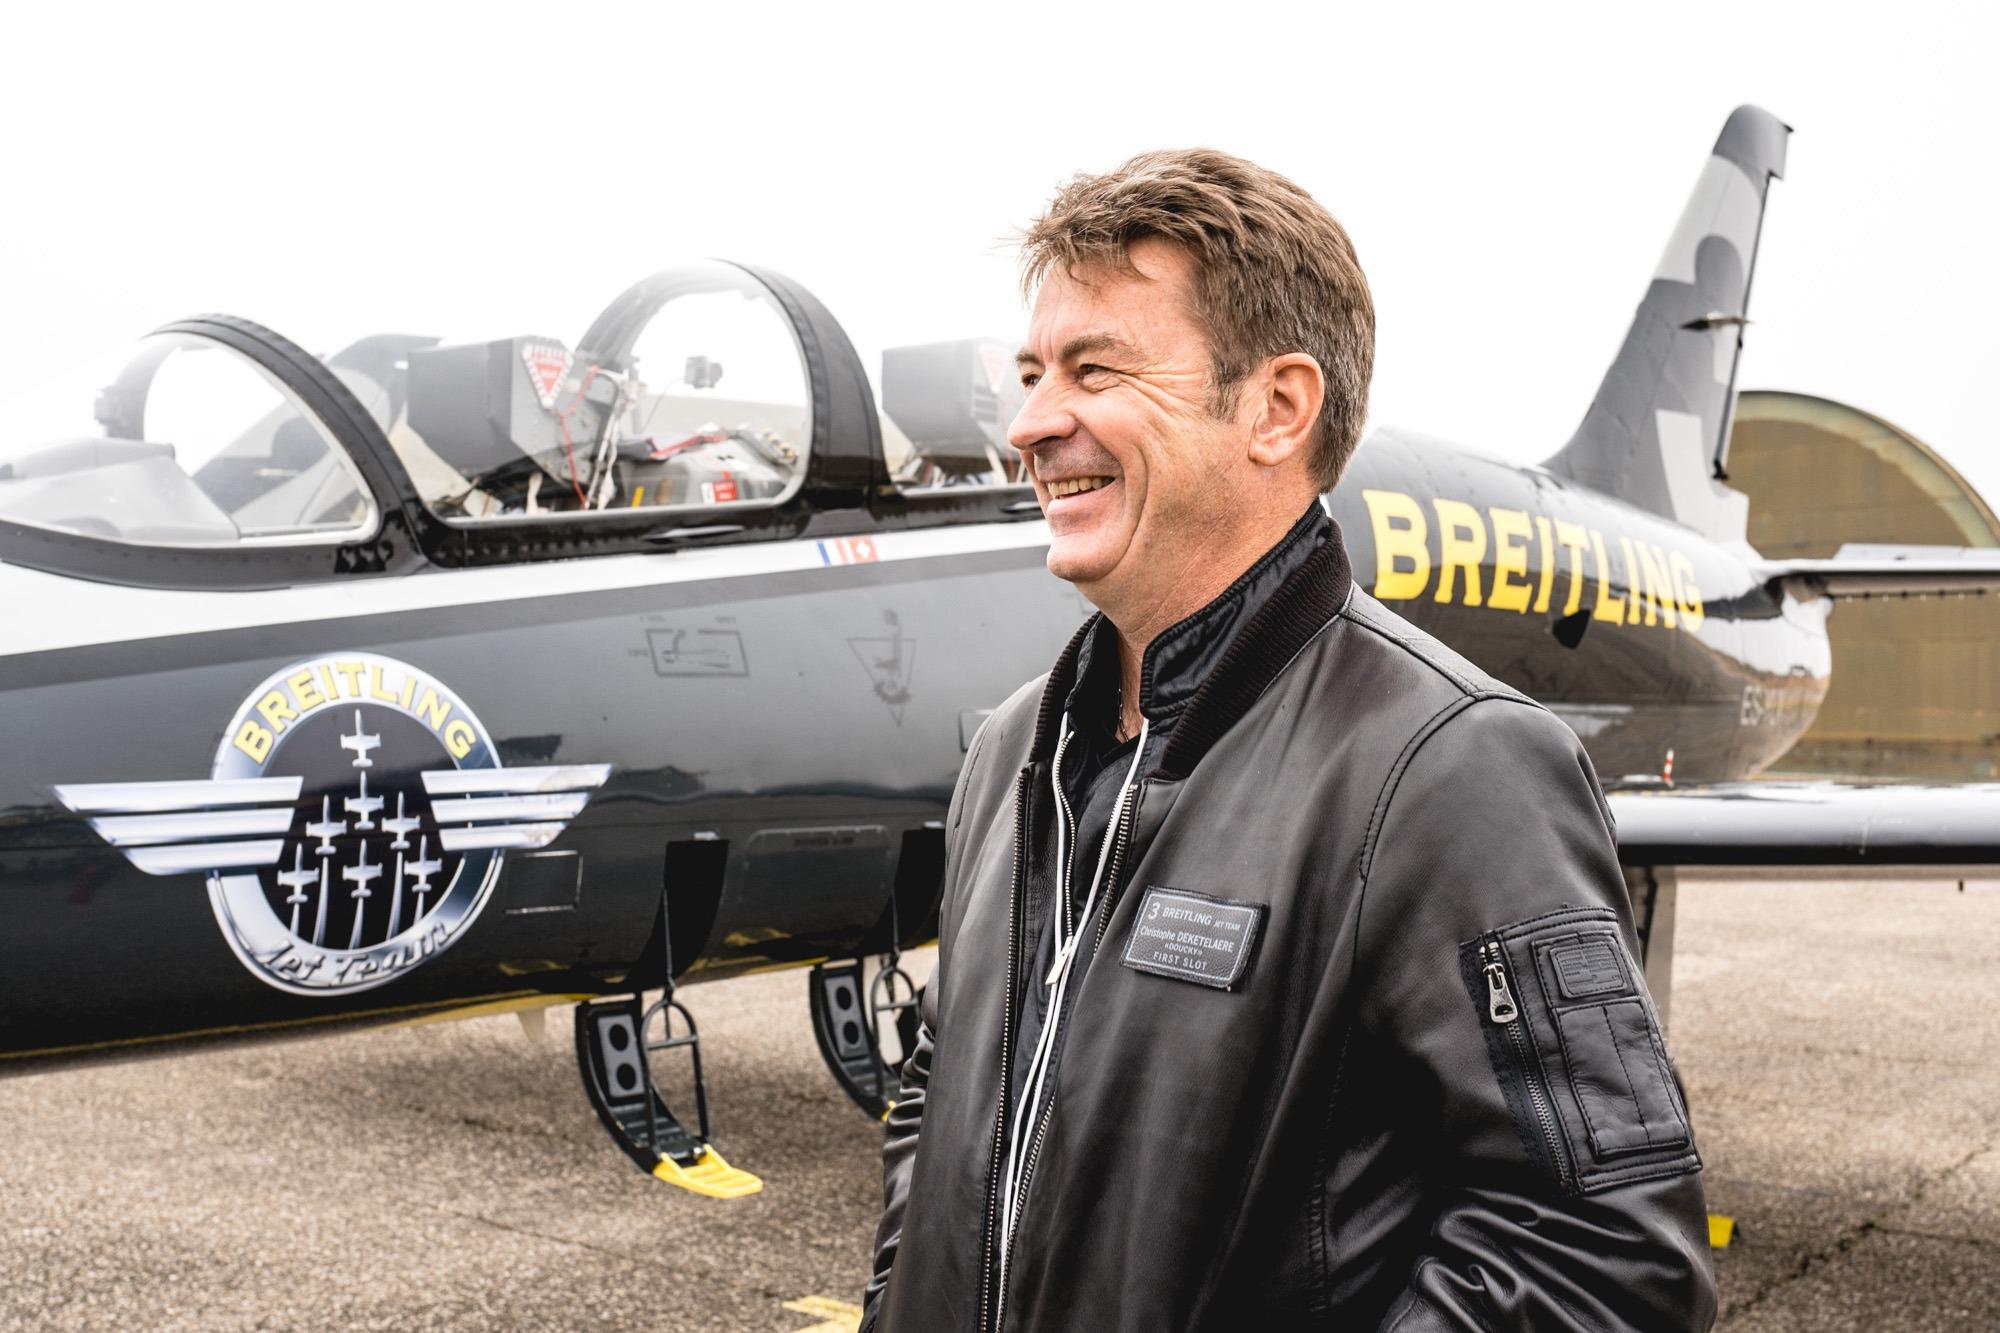 Breitling Jet Team - Christophe Deketelaere